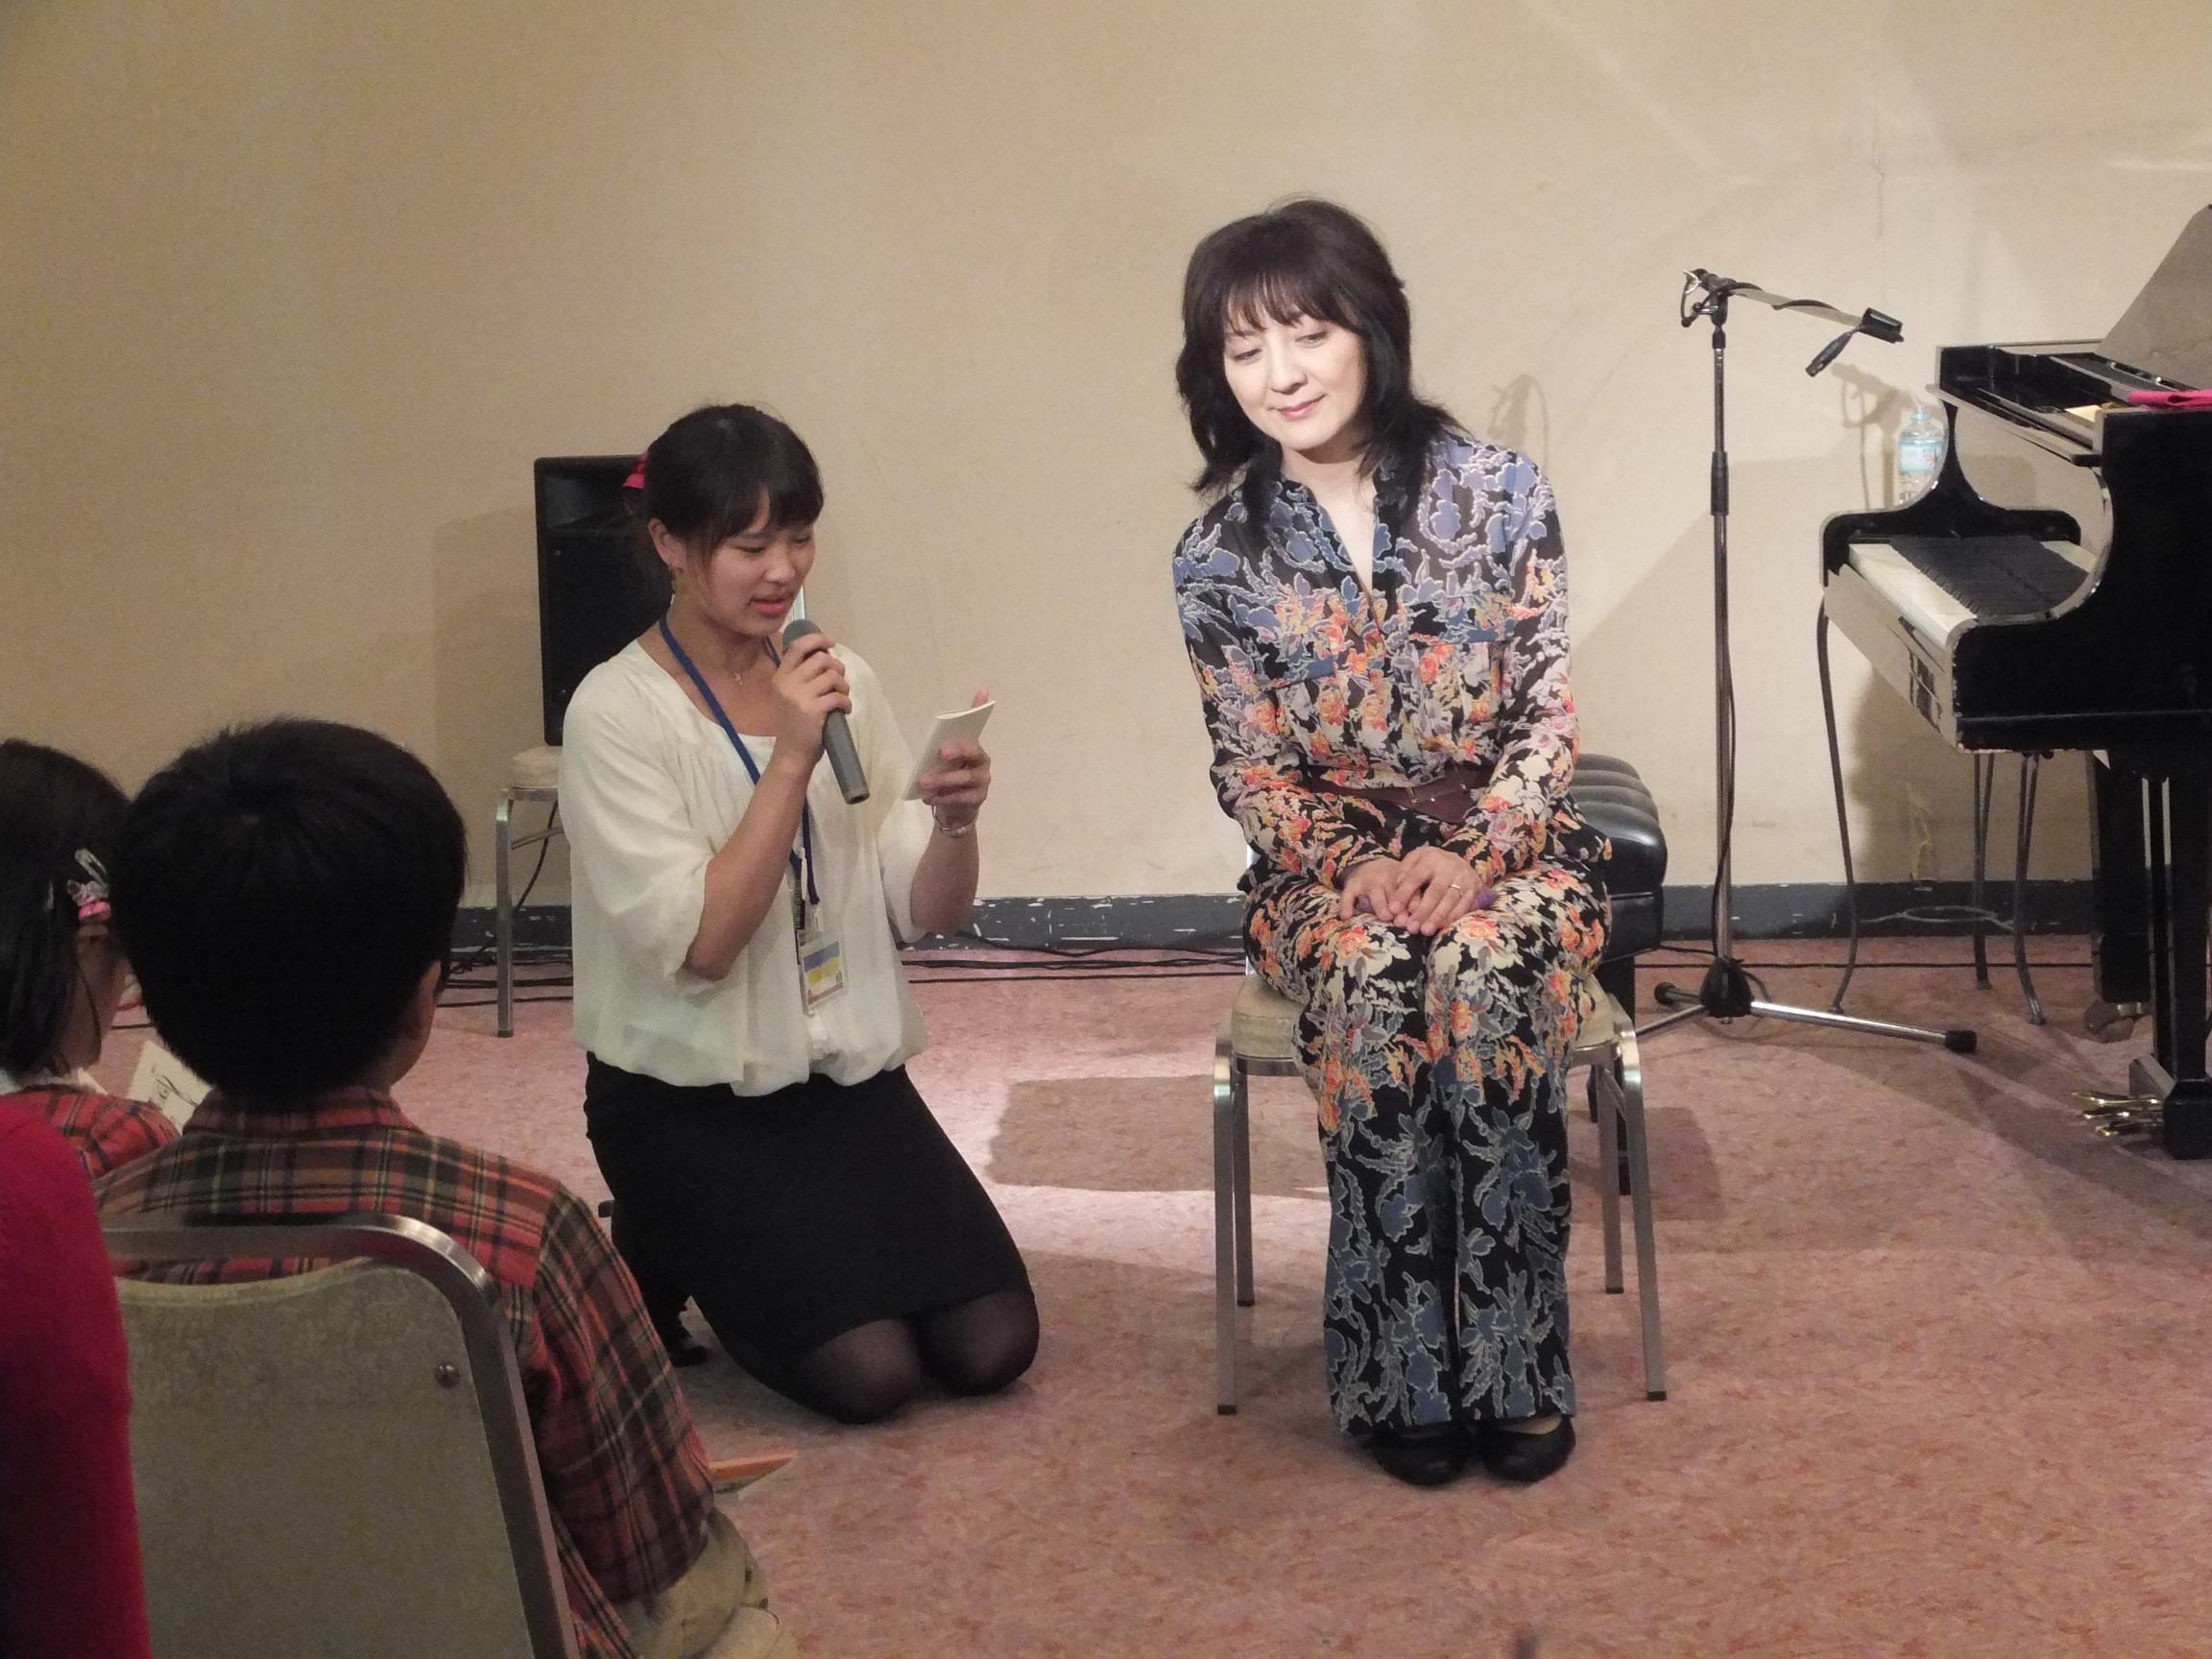 交流会で質問を読み上げる、主催者の益子有里さん。